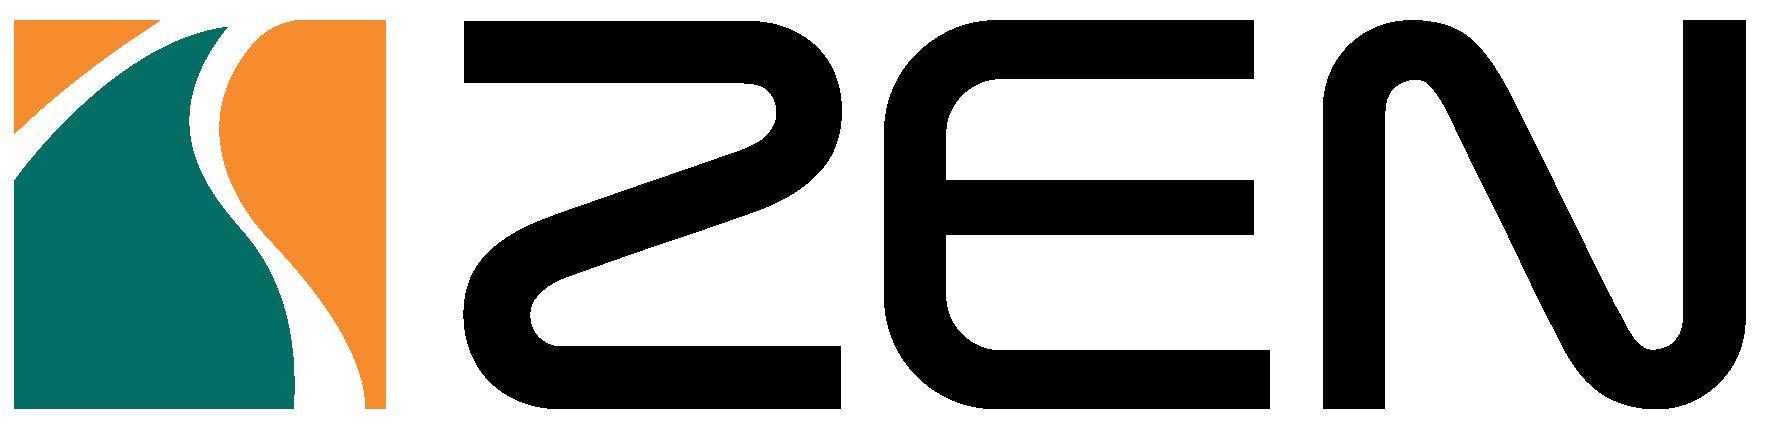 transparent-bg-horizontal